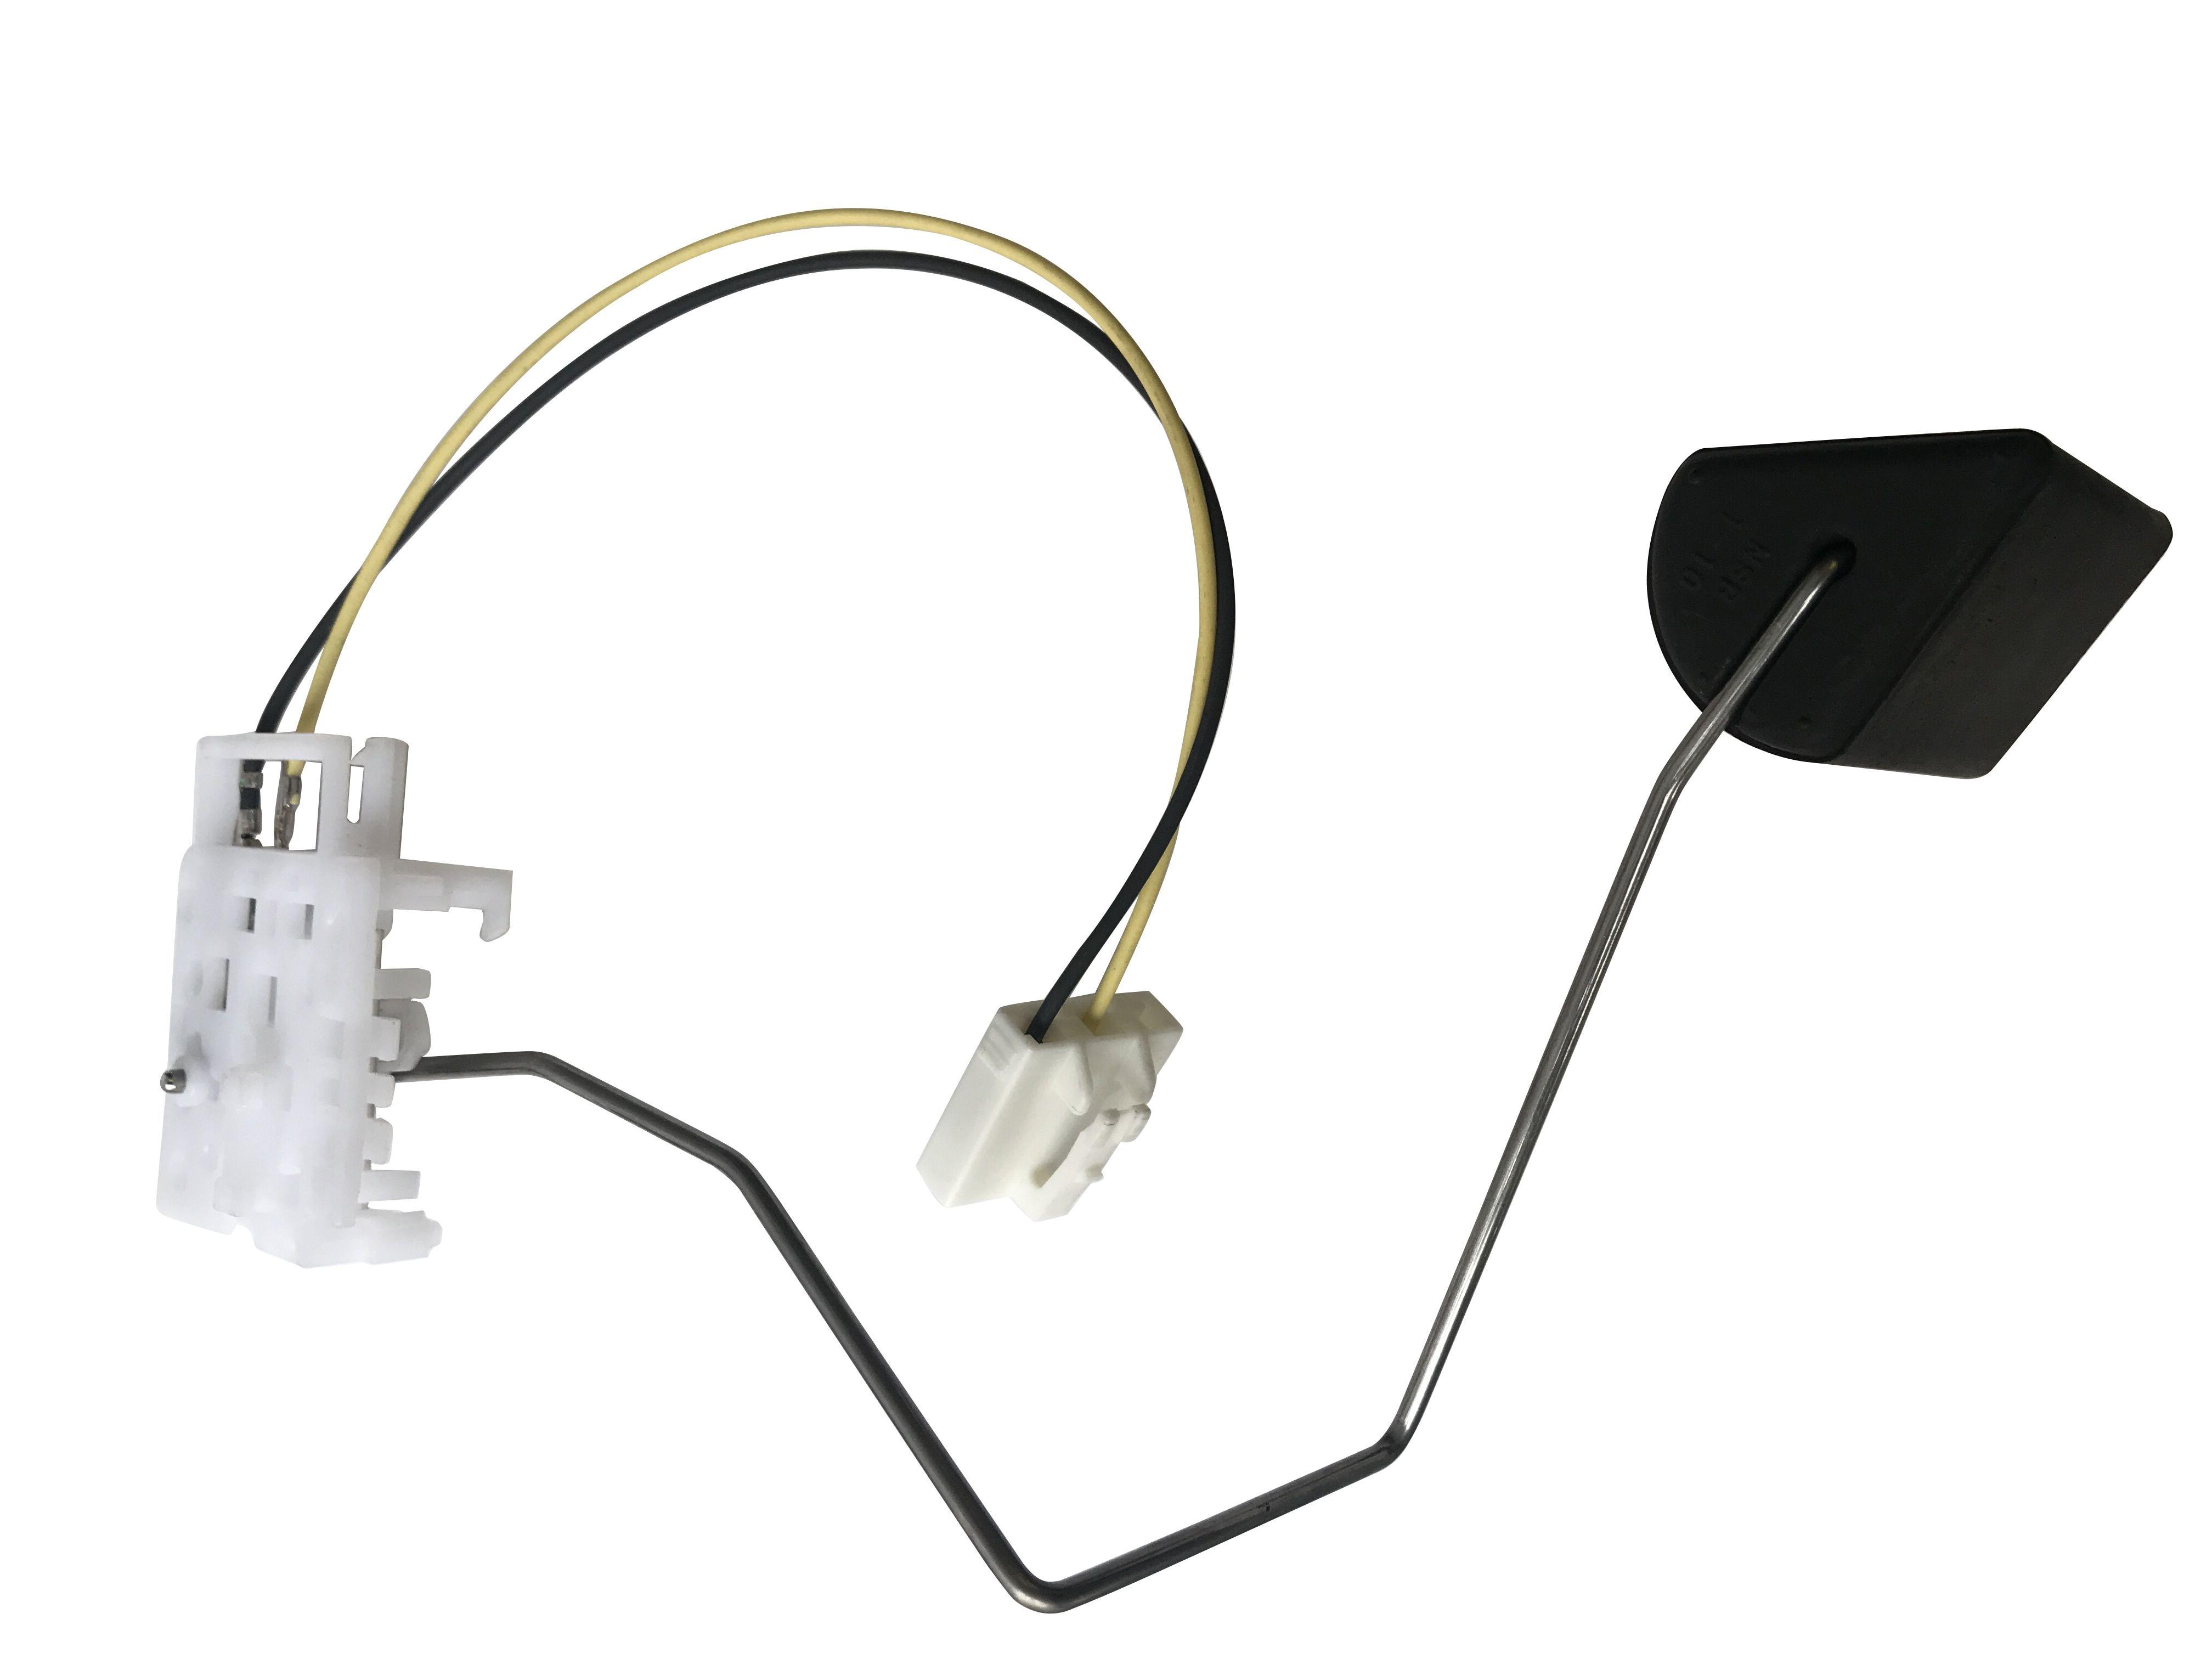 Honda CRV için otomatik motor yakıt tankı yağ seviye sensörü - Araba Parçaları - Fotoğraf 3